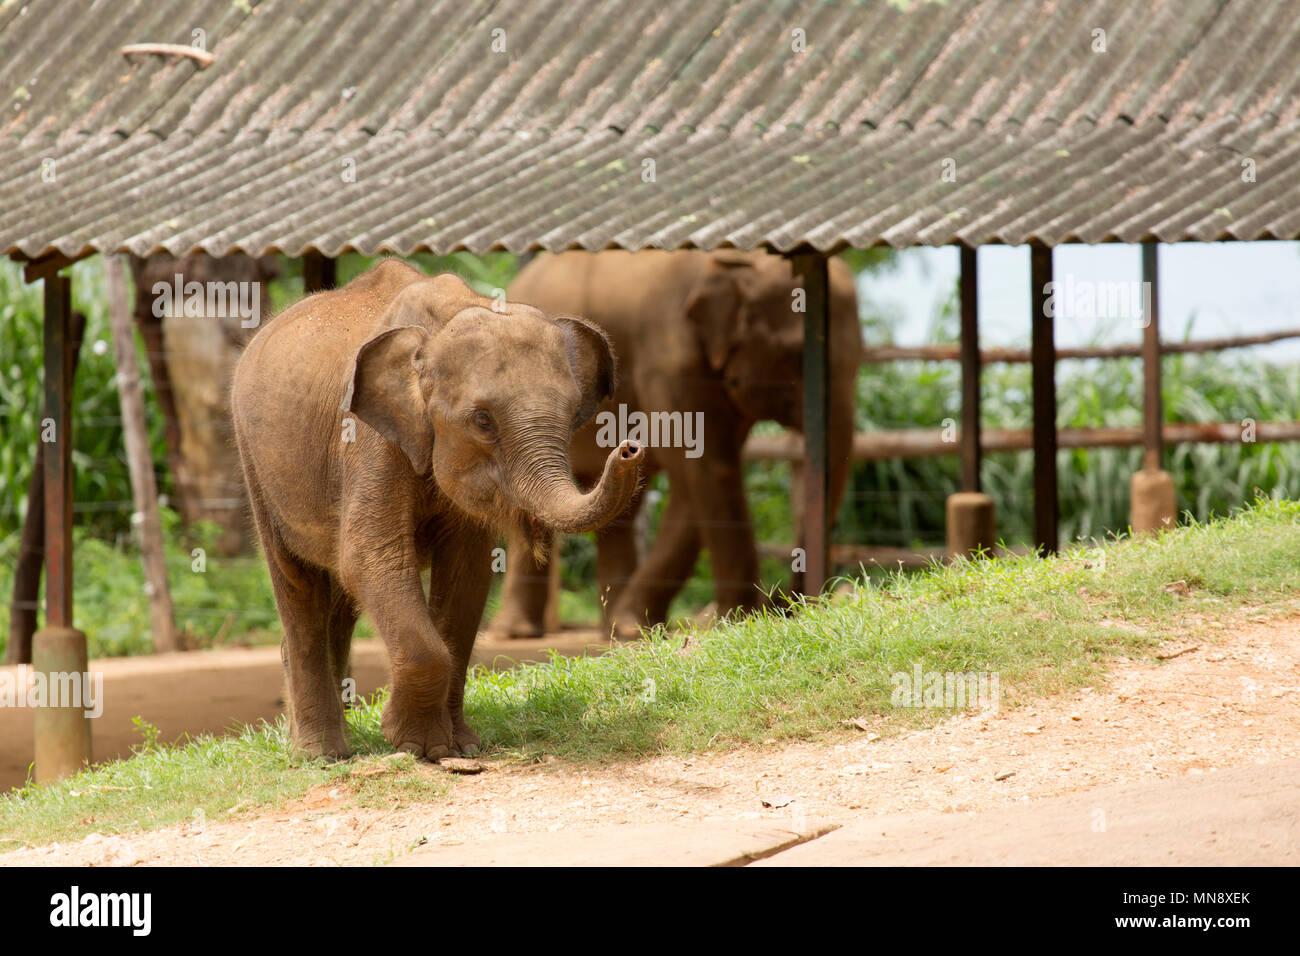 Elefanten am Udwawalawe Elephant Transit zu Hause Uwawalawe Nationalpark in Sri Lanka. Stockbild